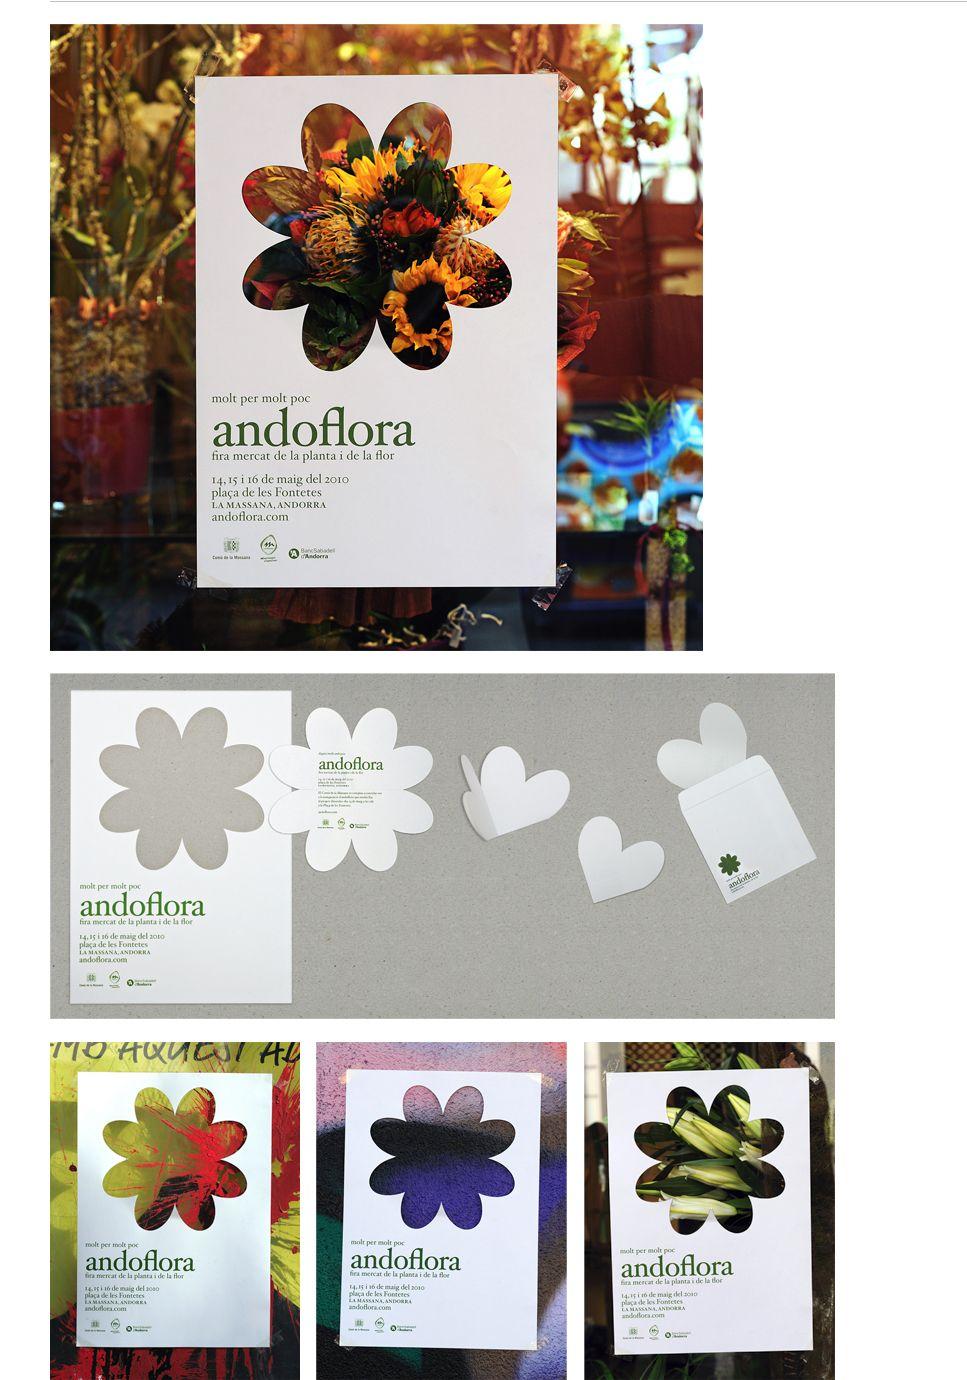 Andoflora by Duró Estudio.